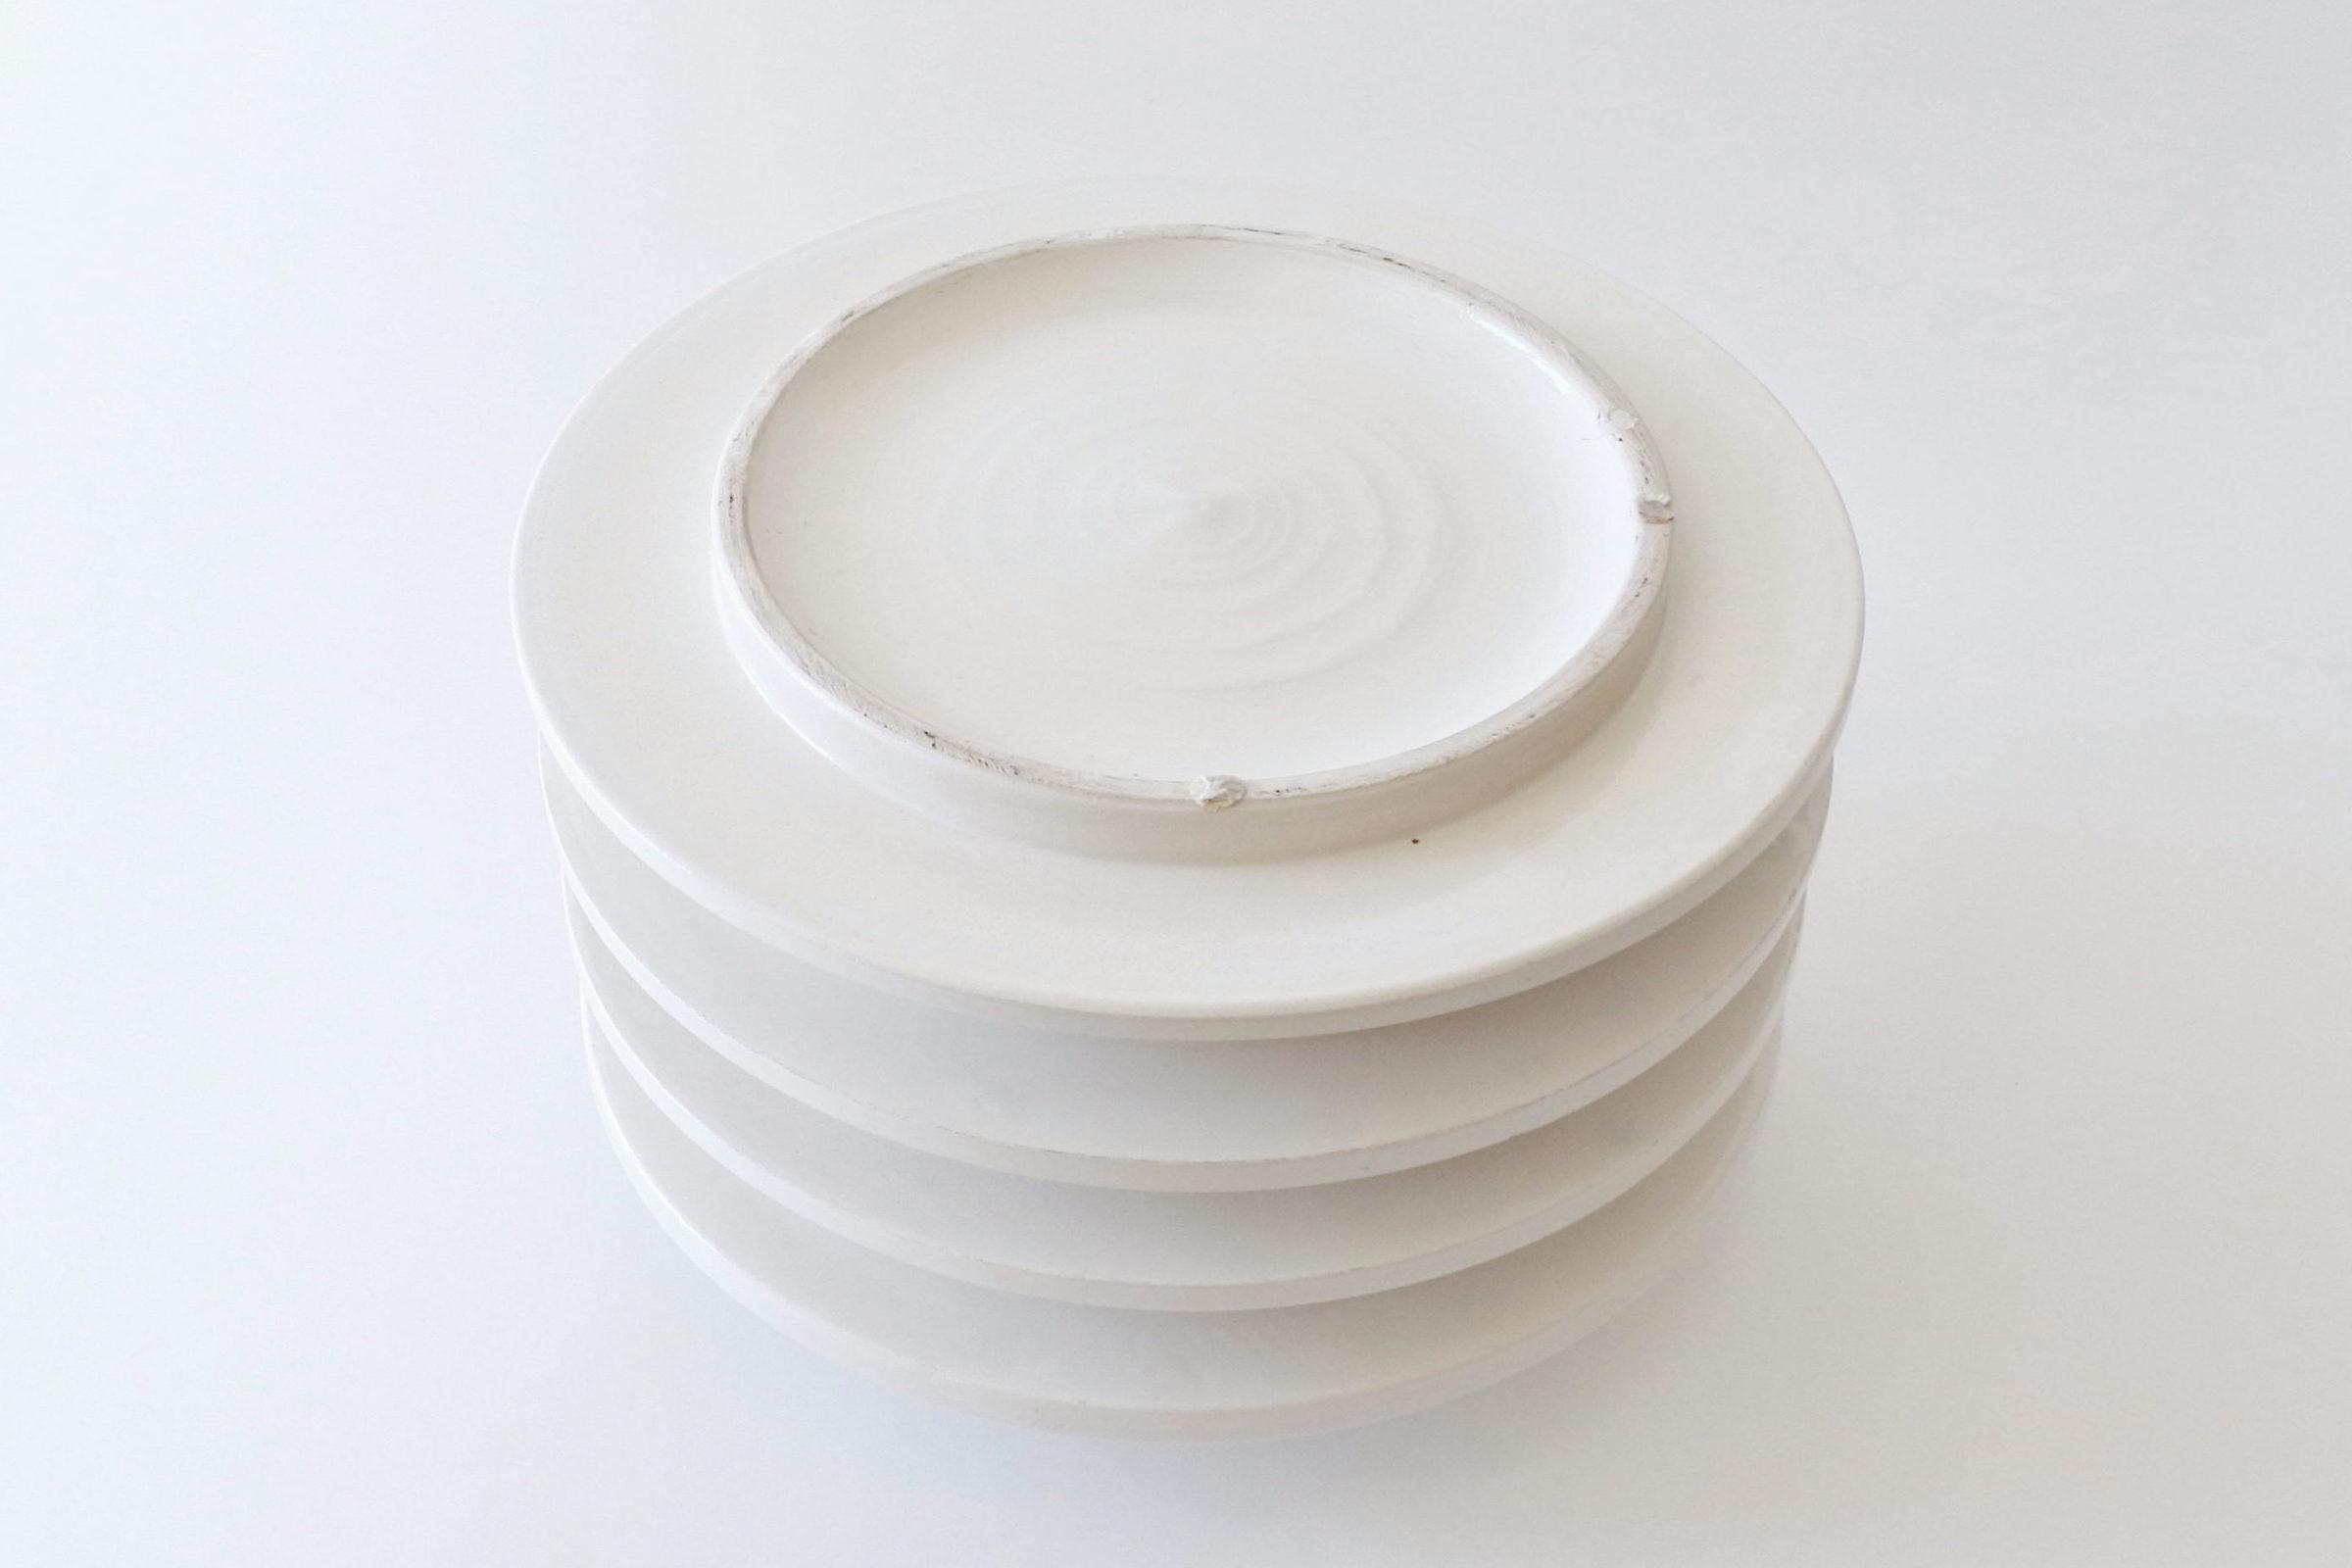 Vaso isolatore in ceramica bianca - E. Sottsass per ceramiche Bitossi - 3